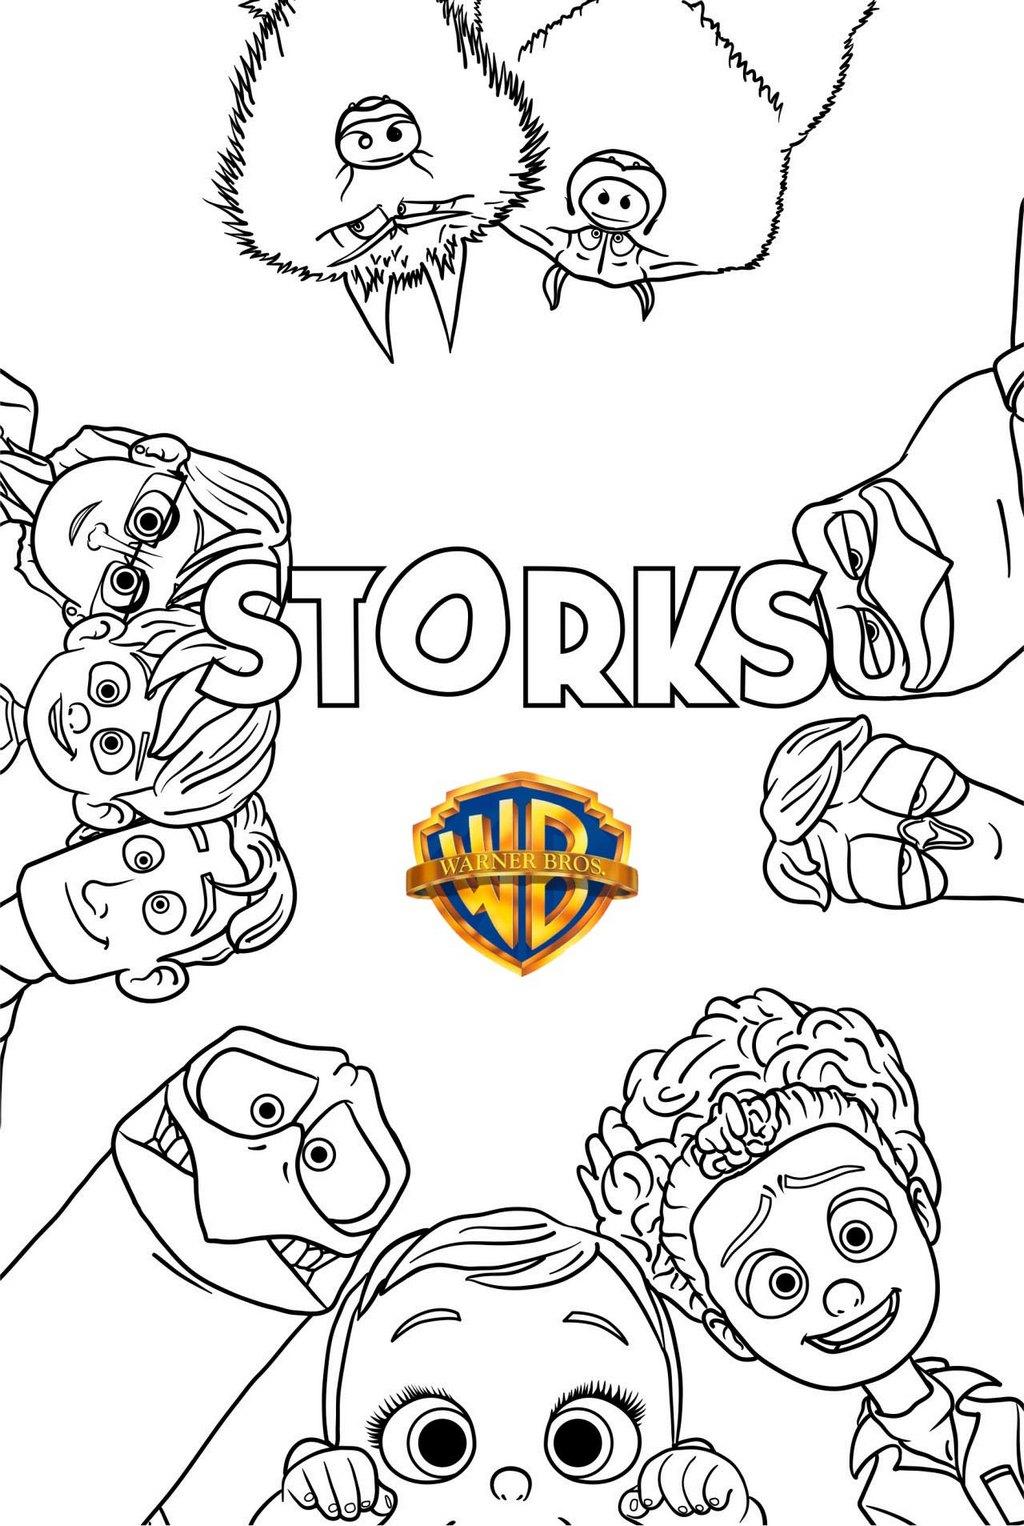 Storks Warner Bros Coloring Page